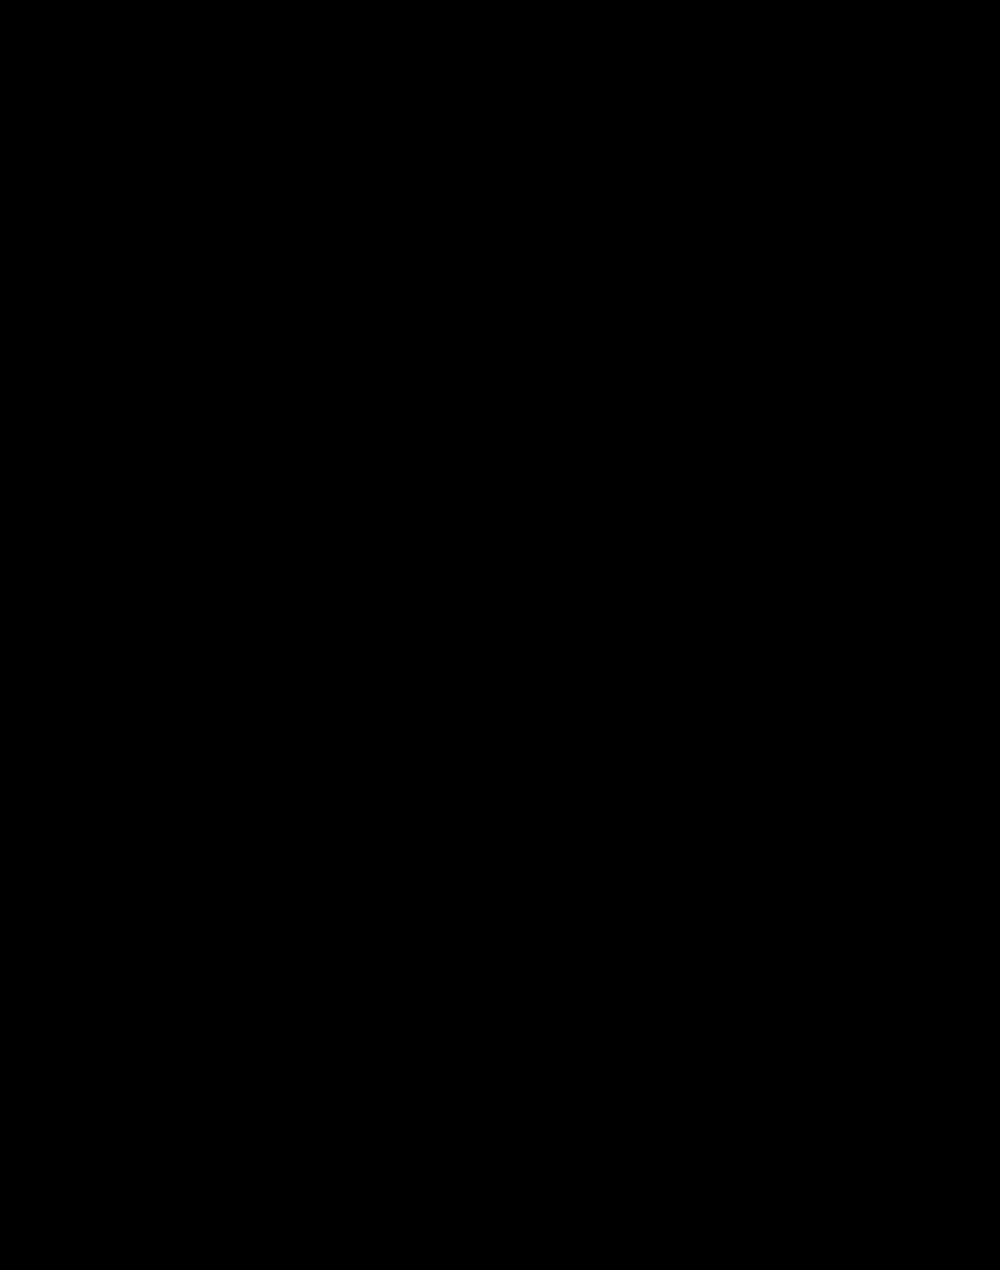 bandbclassic-black-hashtag copy.png